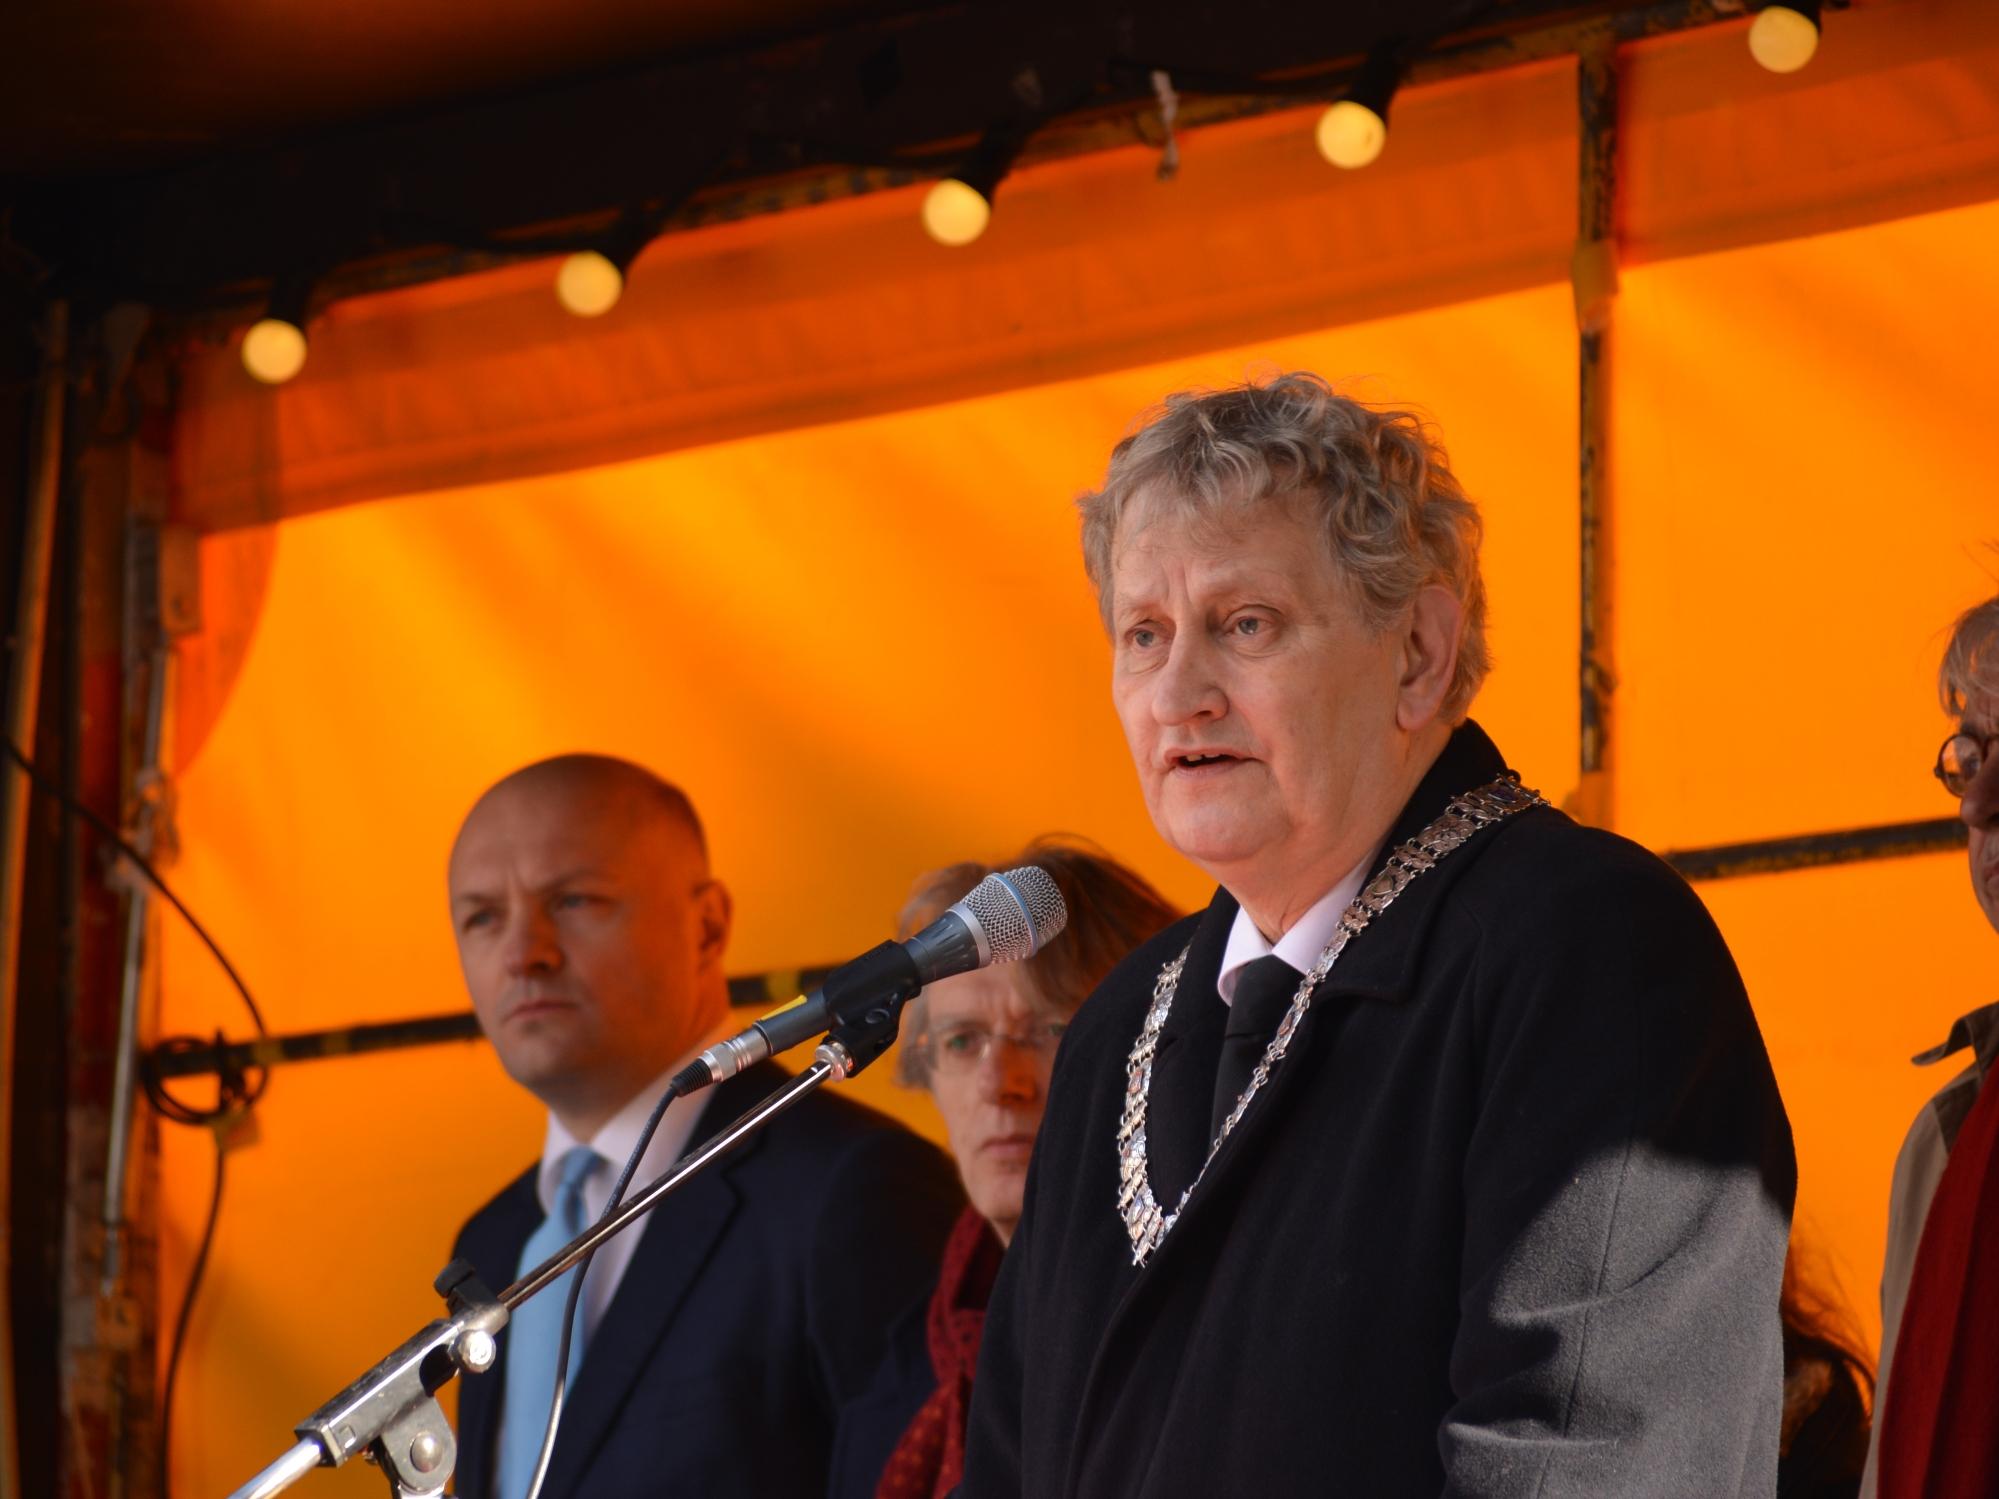 Burgemeester Van der Laan